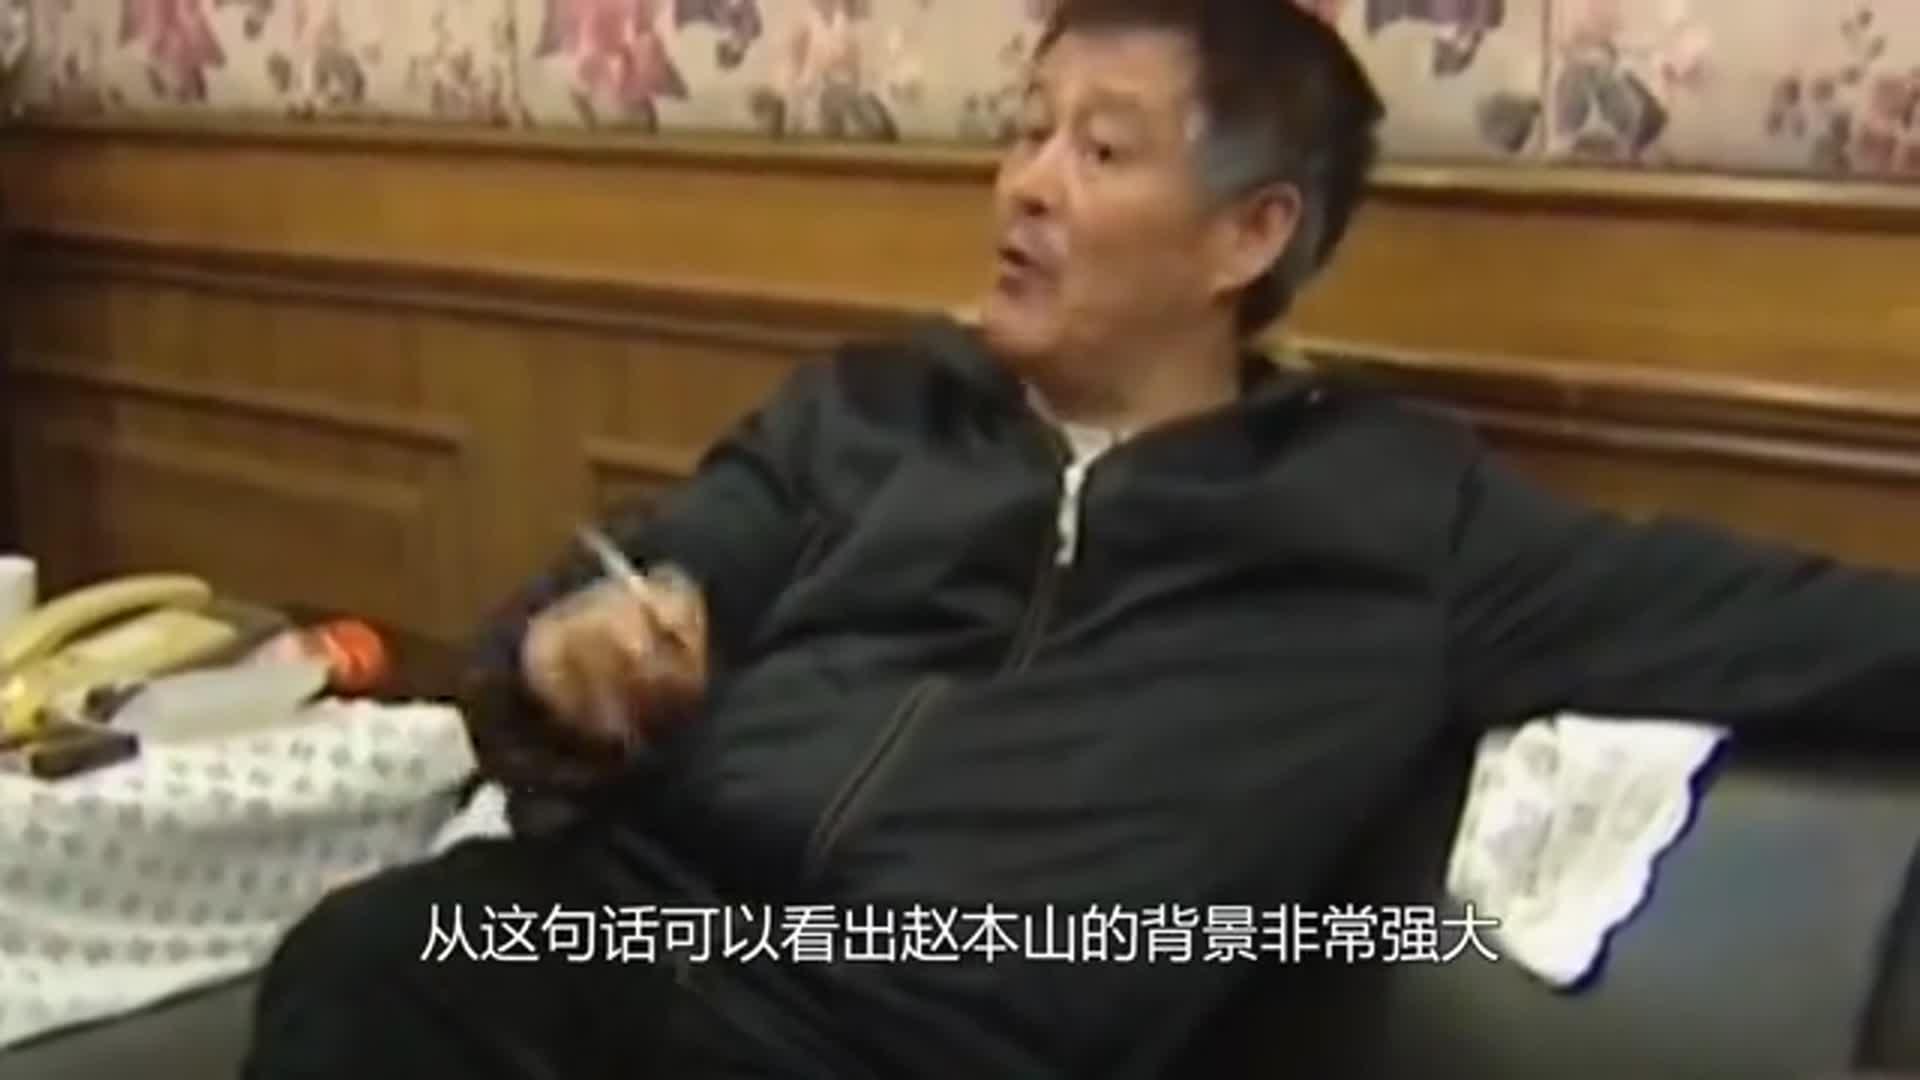 """因为一个""""傻子"""",赵本山和央视闹翻。当事主持人事业一落千丈!"""